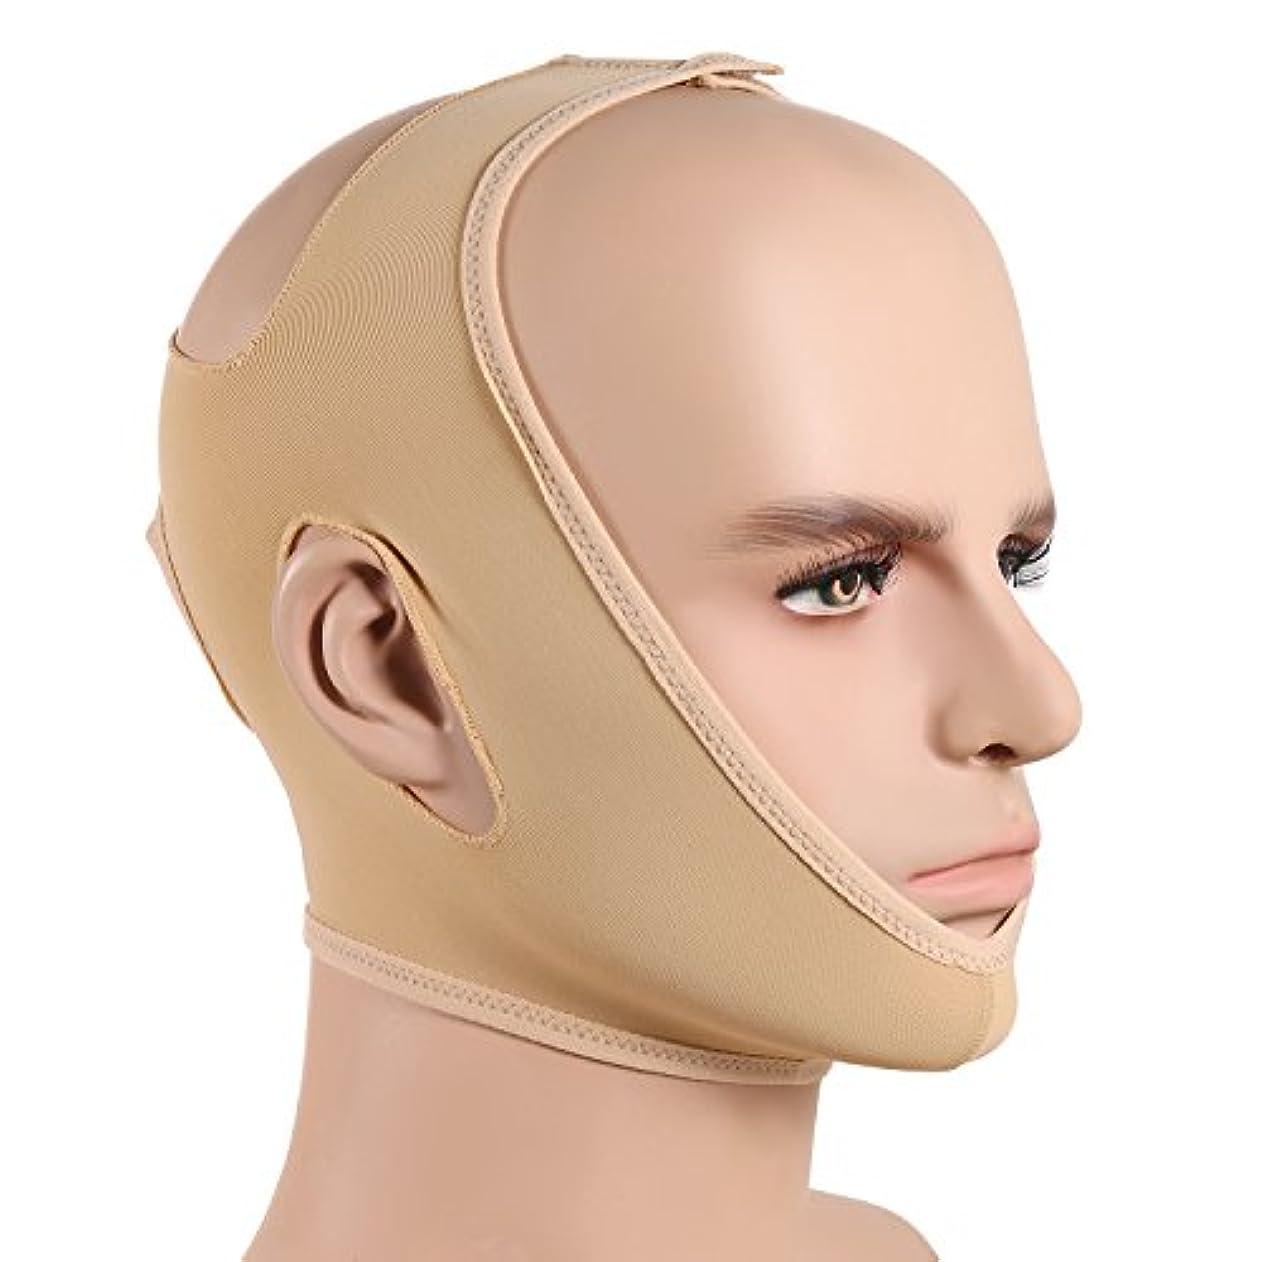 ステージ虚偽ブーストJewelryWe 小顔ベルト 美顔マスク 眠りながら 小顔 矯正 額、顎下、頬リフトアップ 小顔マスク 男女兼用 Lサイズ